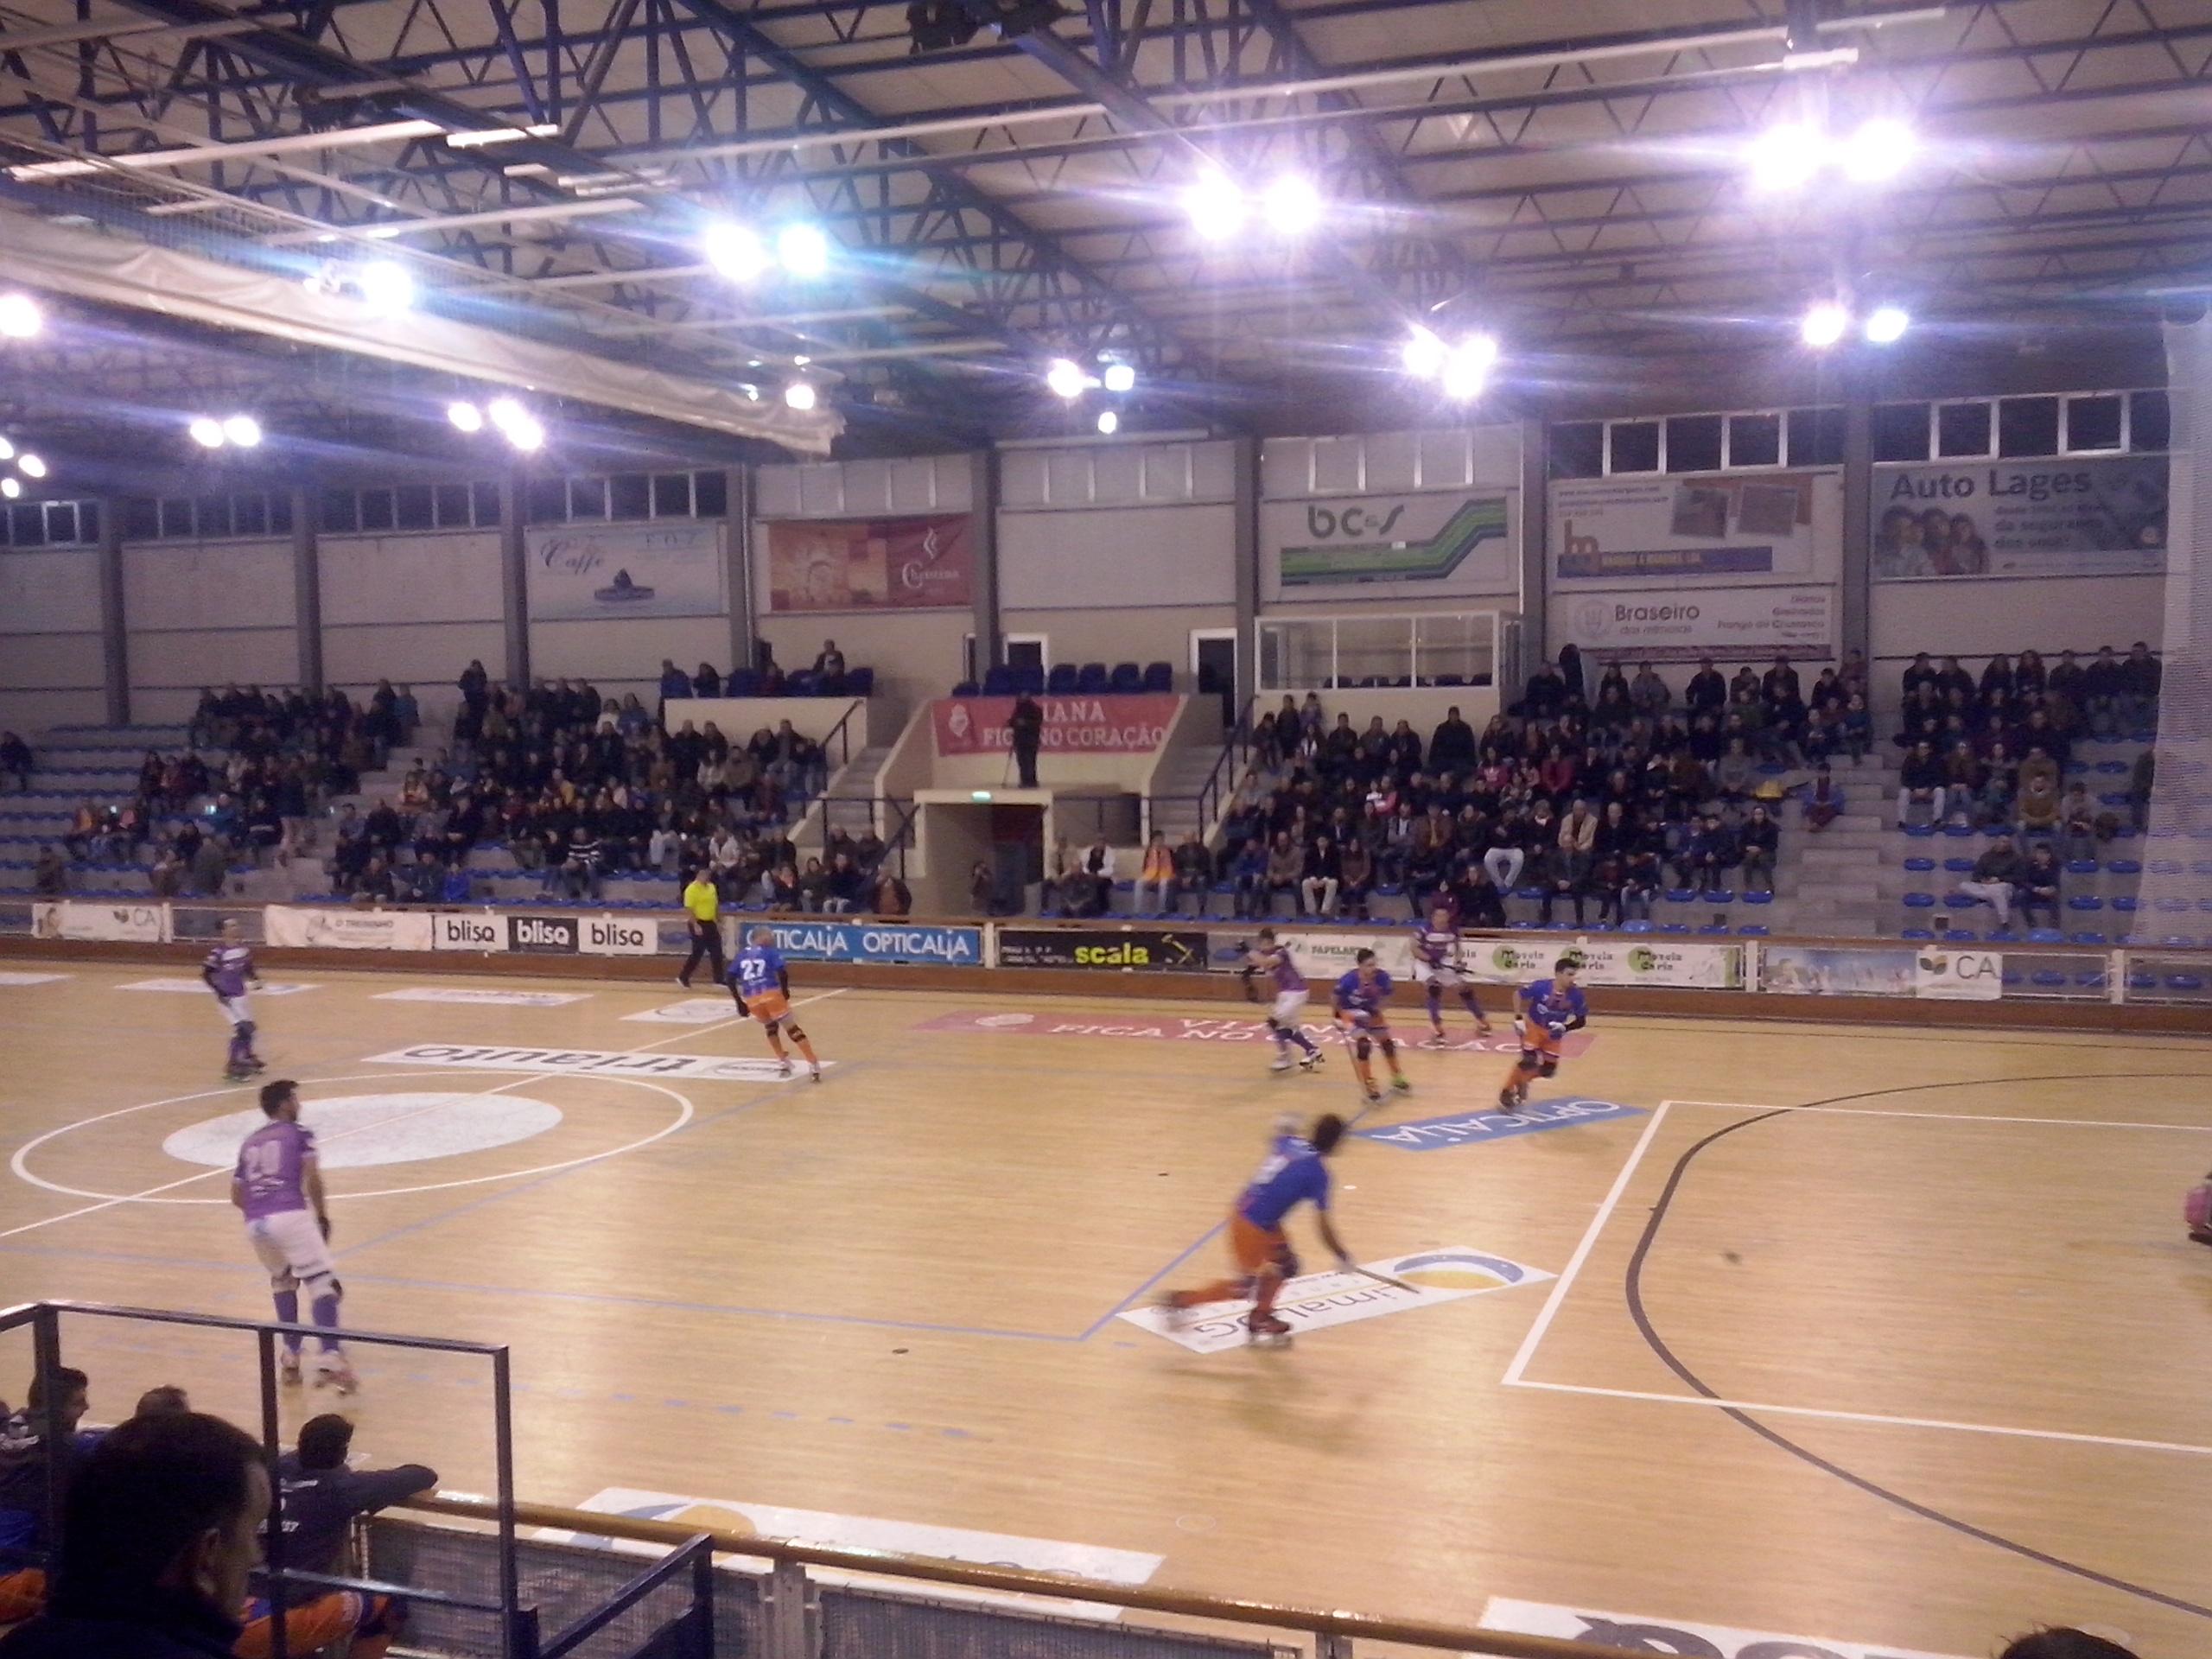 Hóquei em Patins: Juventude de Viana vence em casa Valença HC  por 4-1